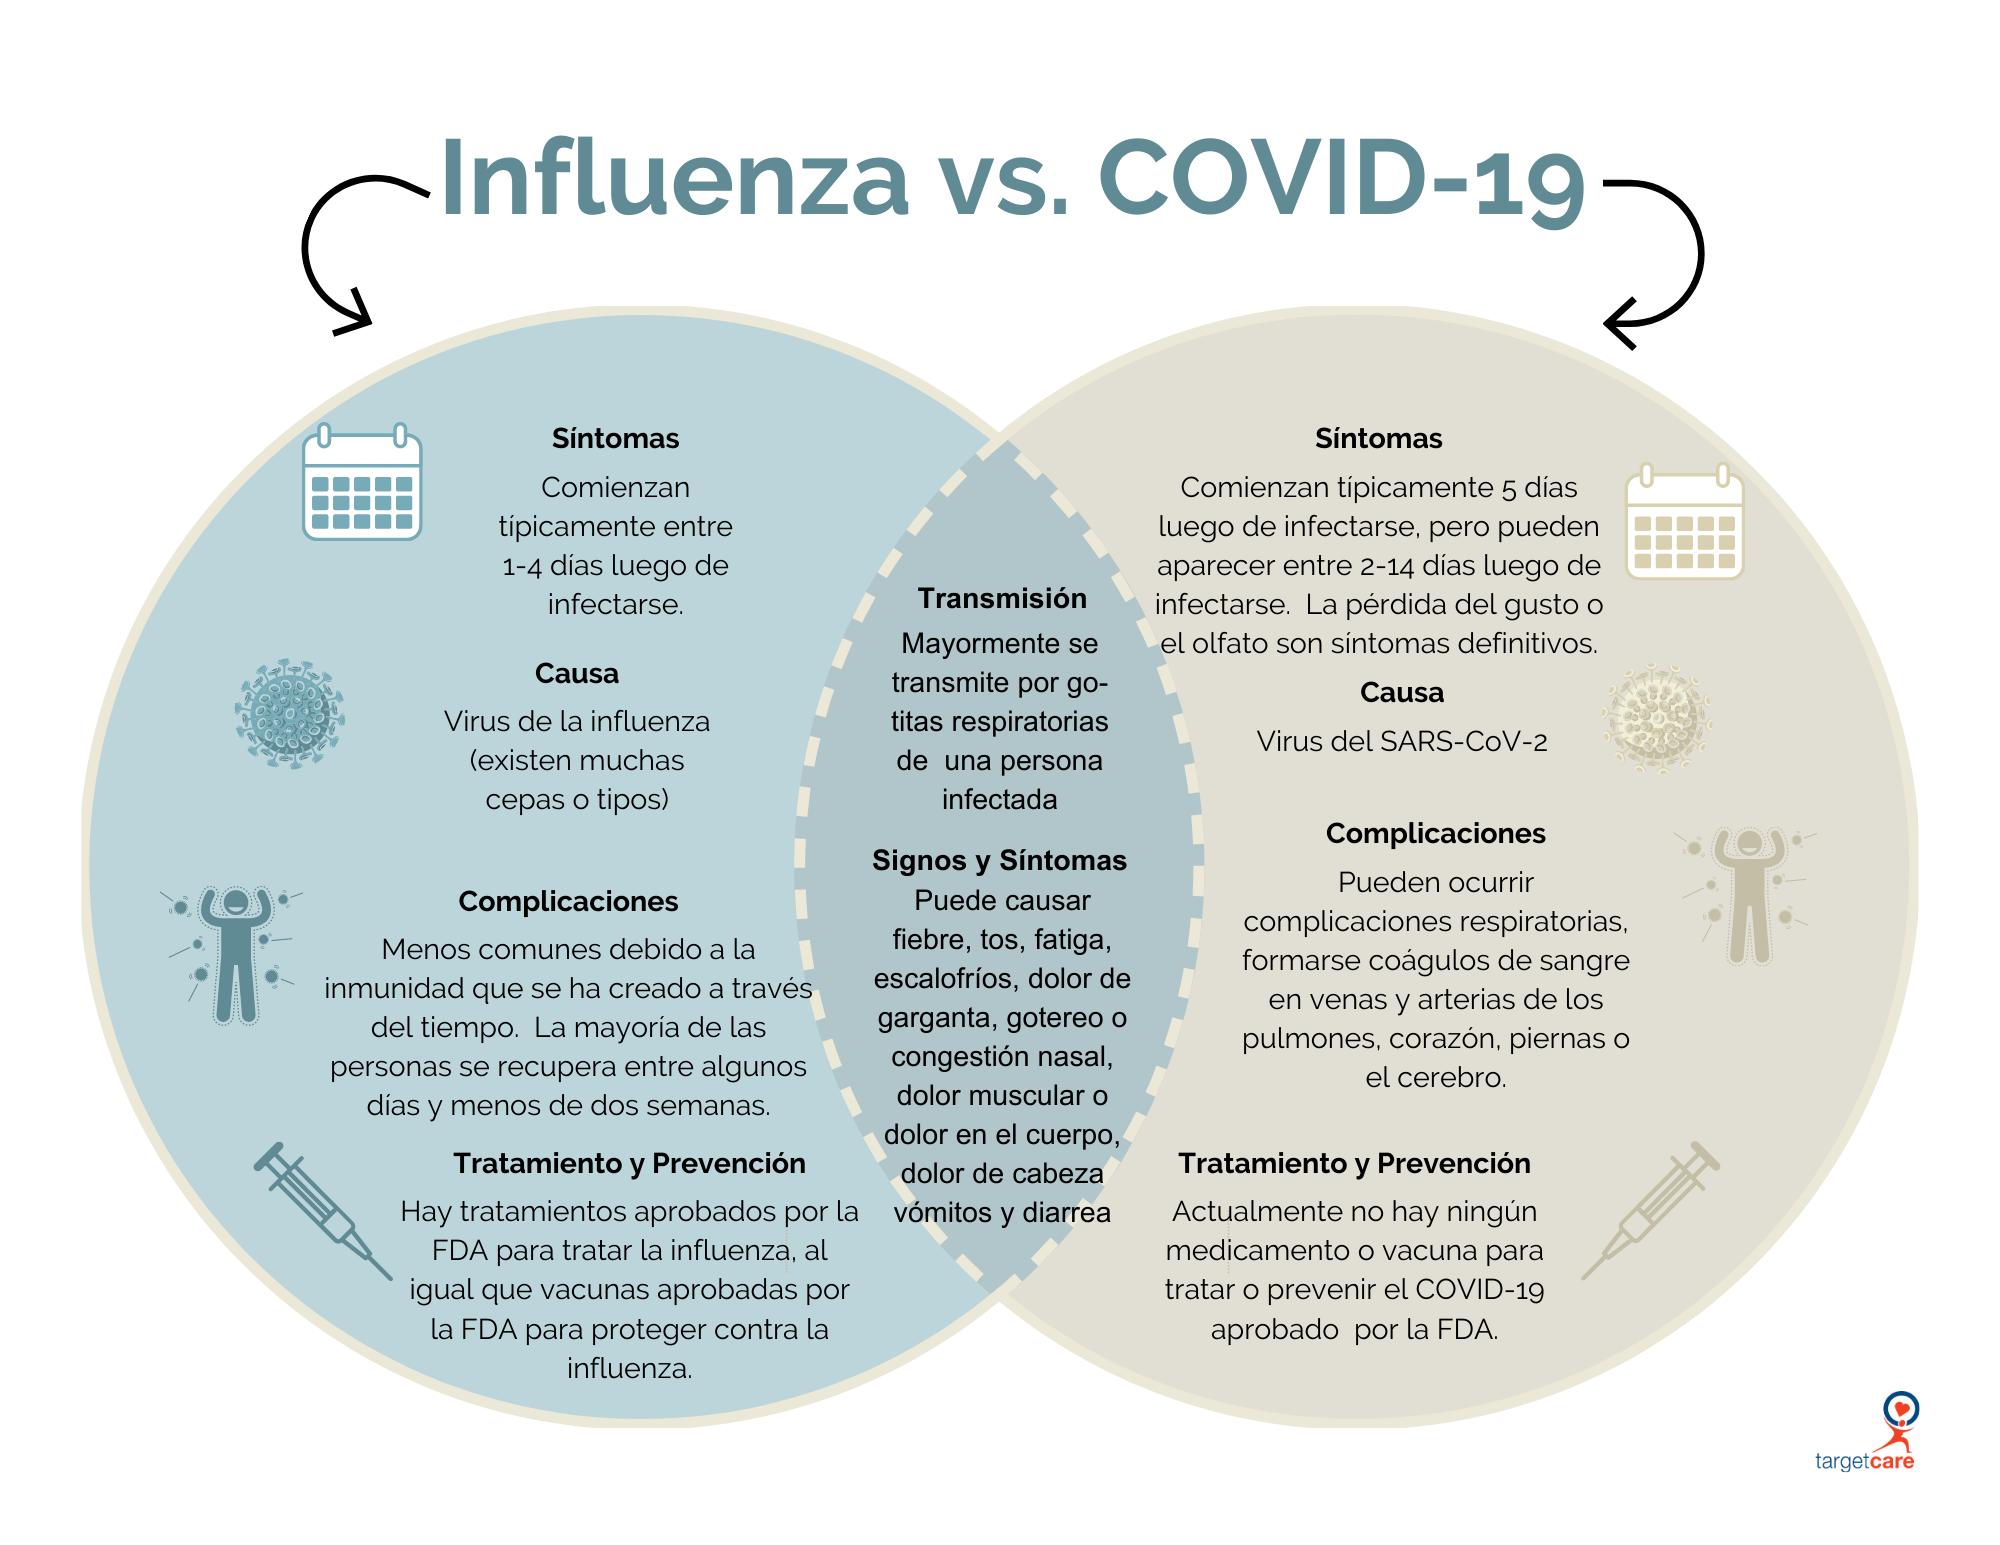 Spanish_Flu vs. COVID-19 Venn Diagram_8.5x11